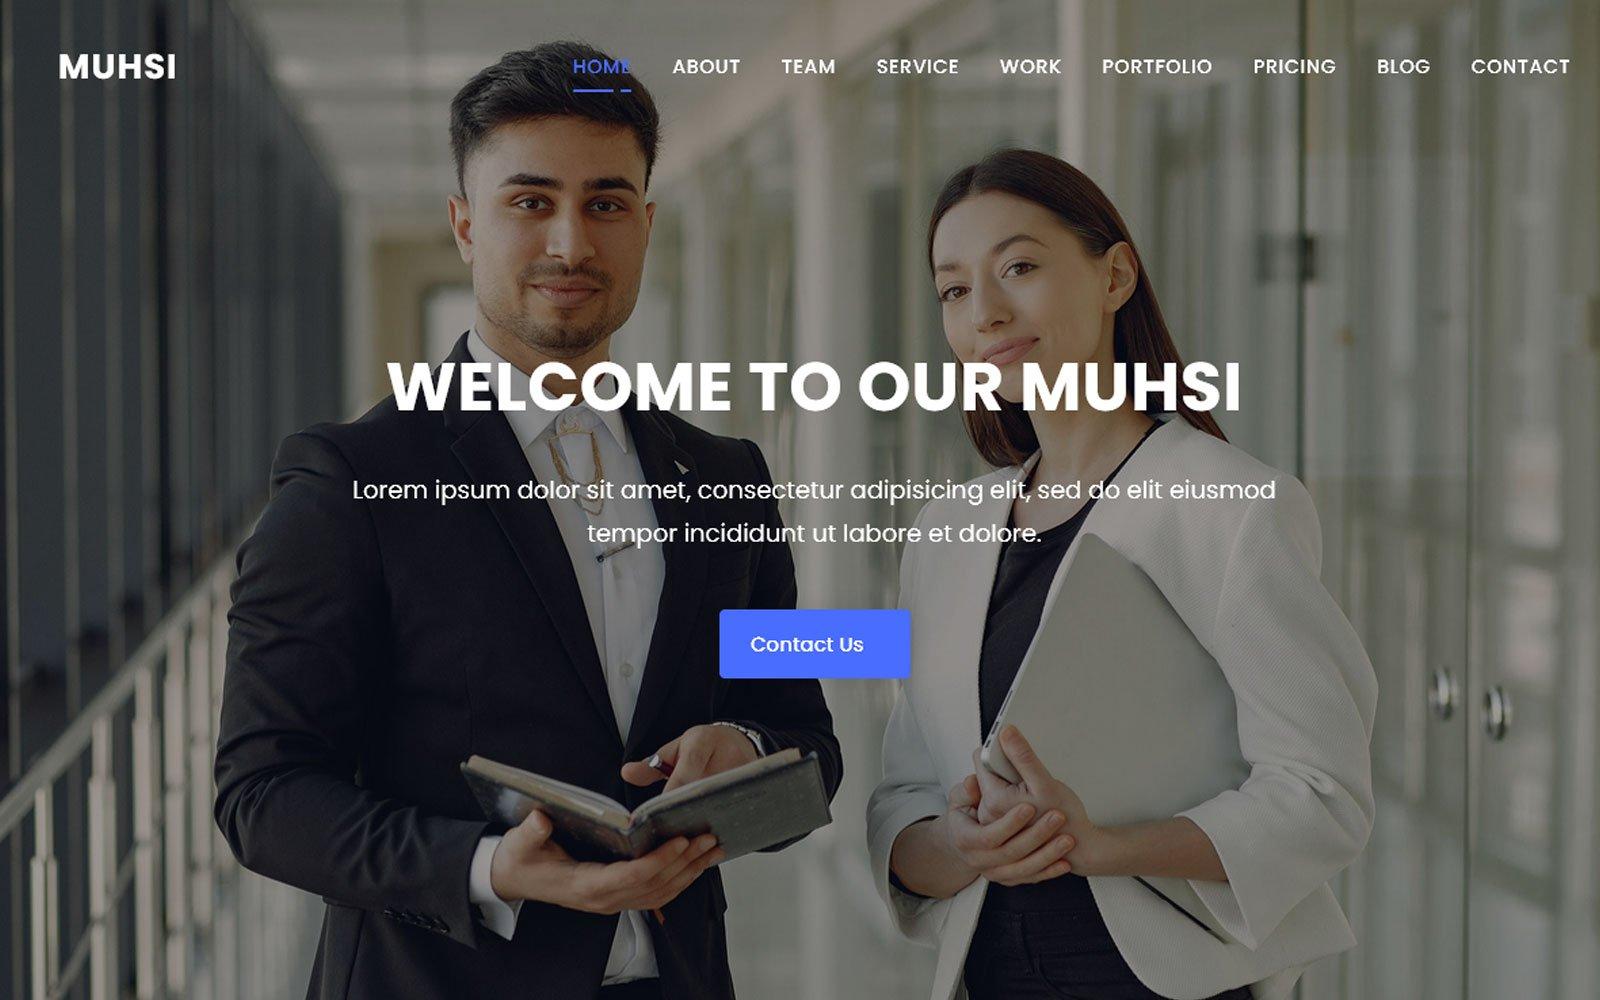 Responsive Al-Muhsi Multipurpose Açılış Sayfası #146026